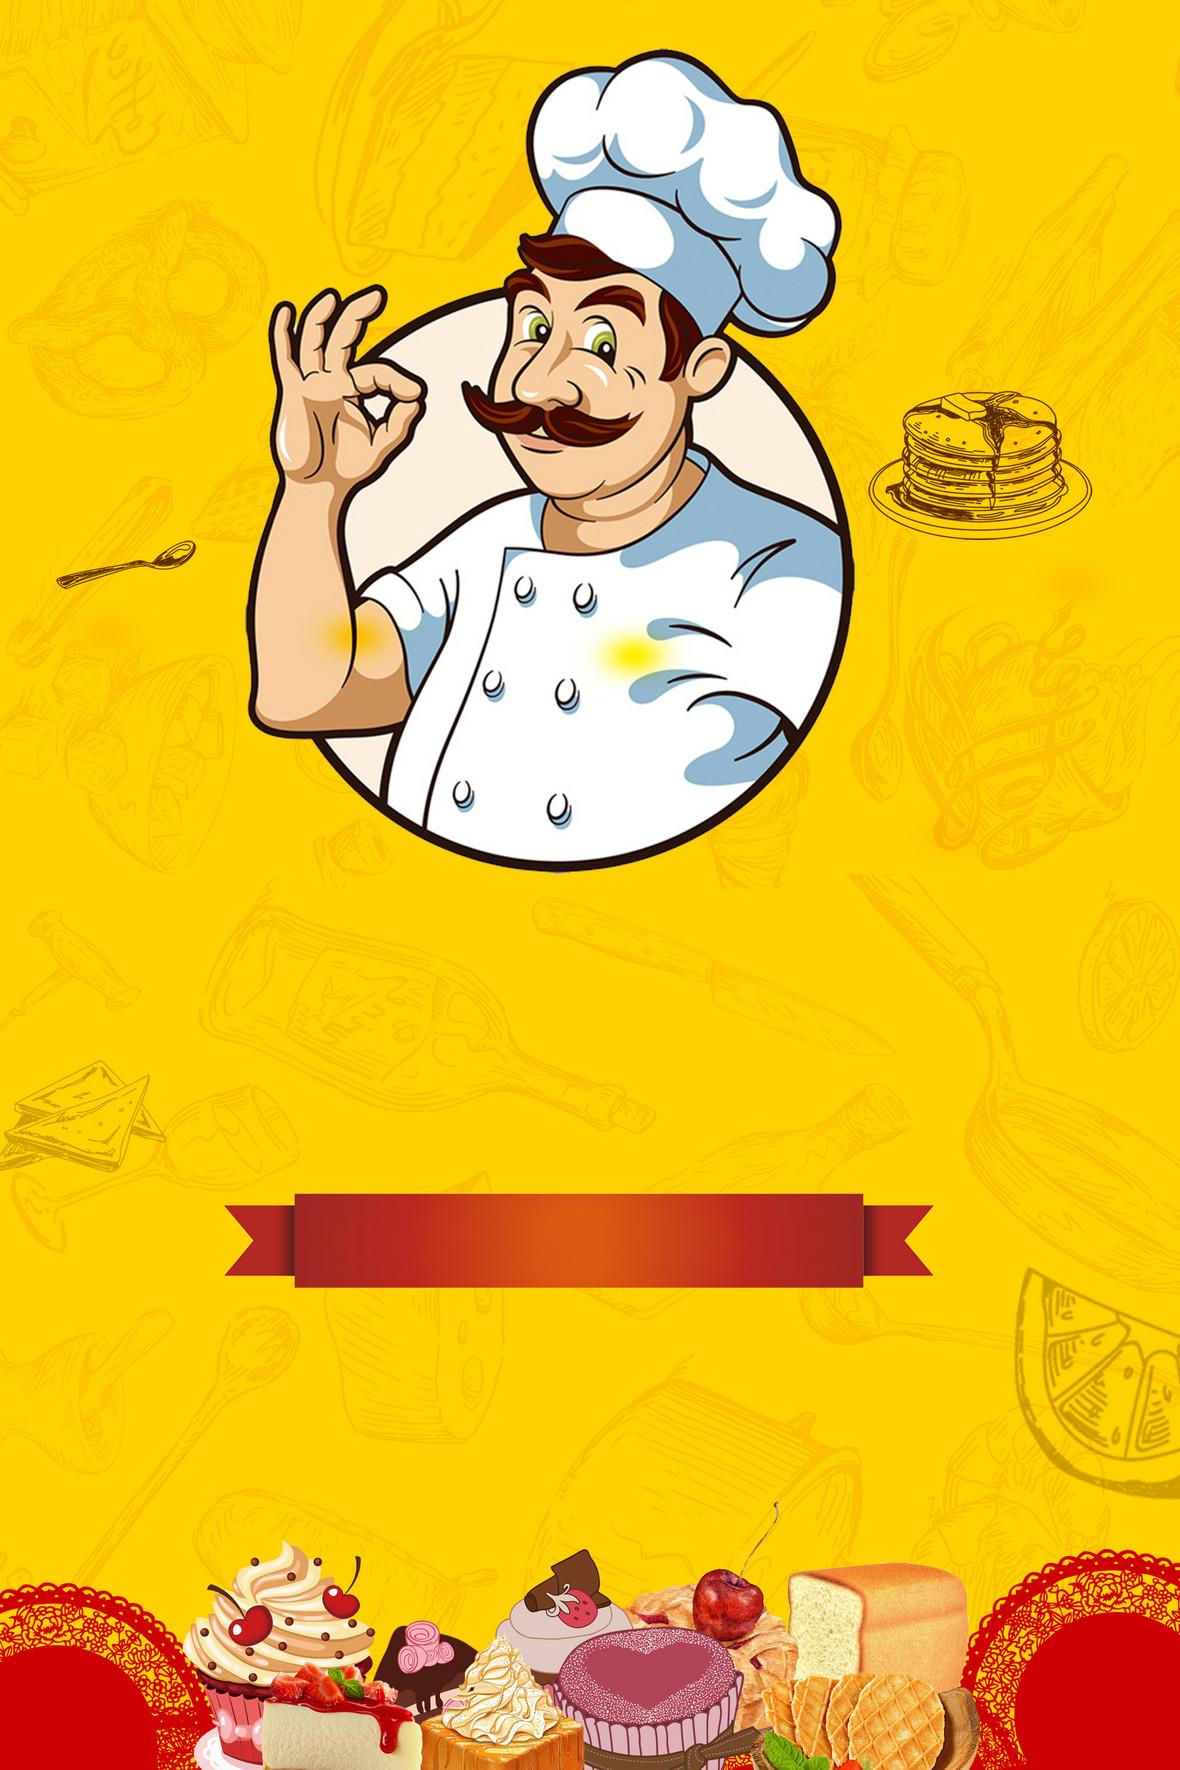 黄色卡通面包面点师diy烘焙海报背景素材